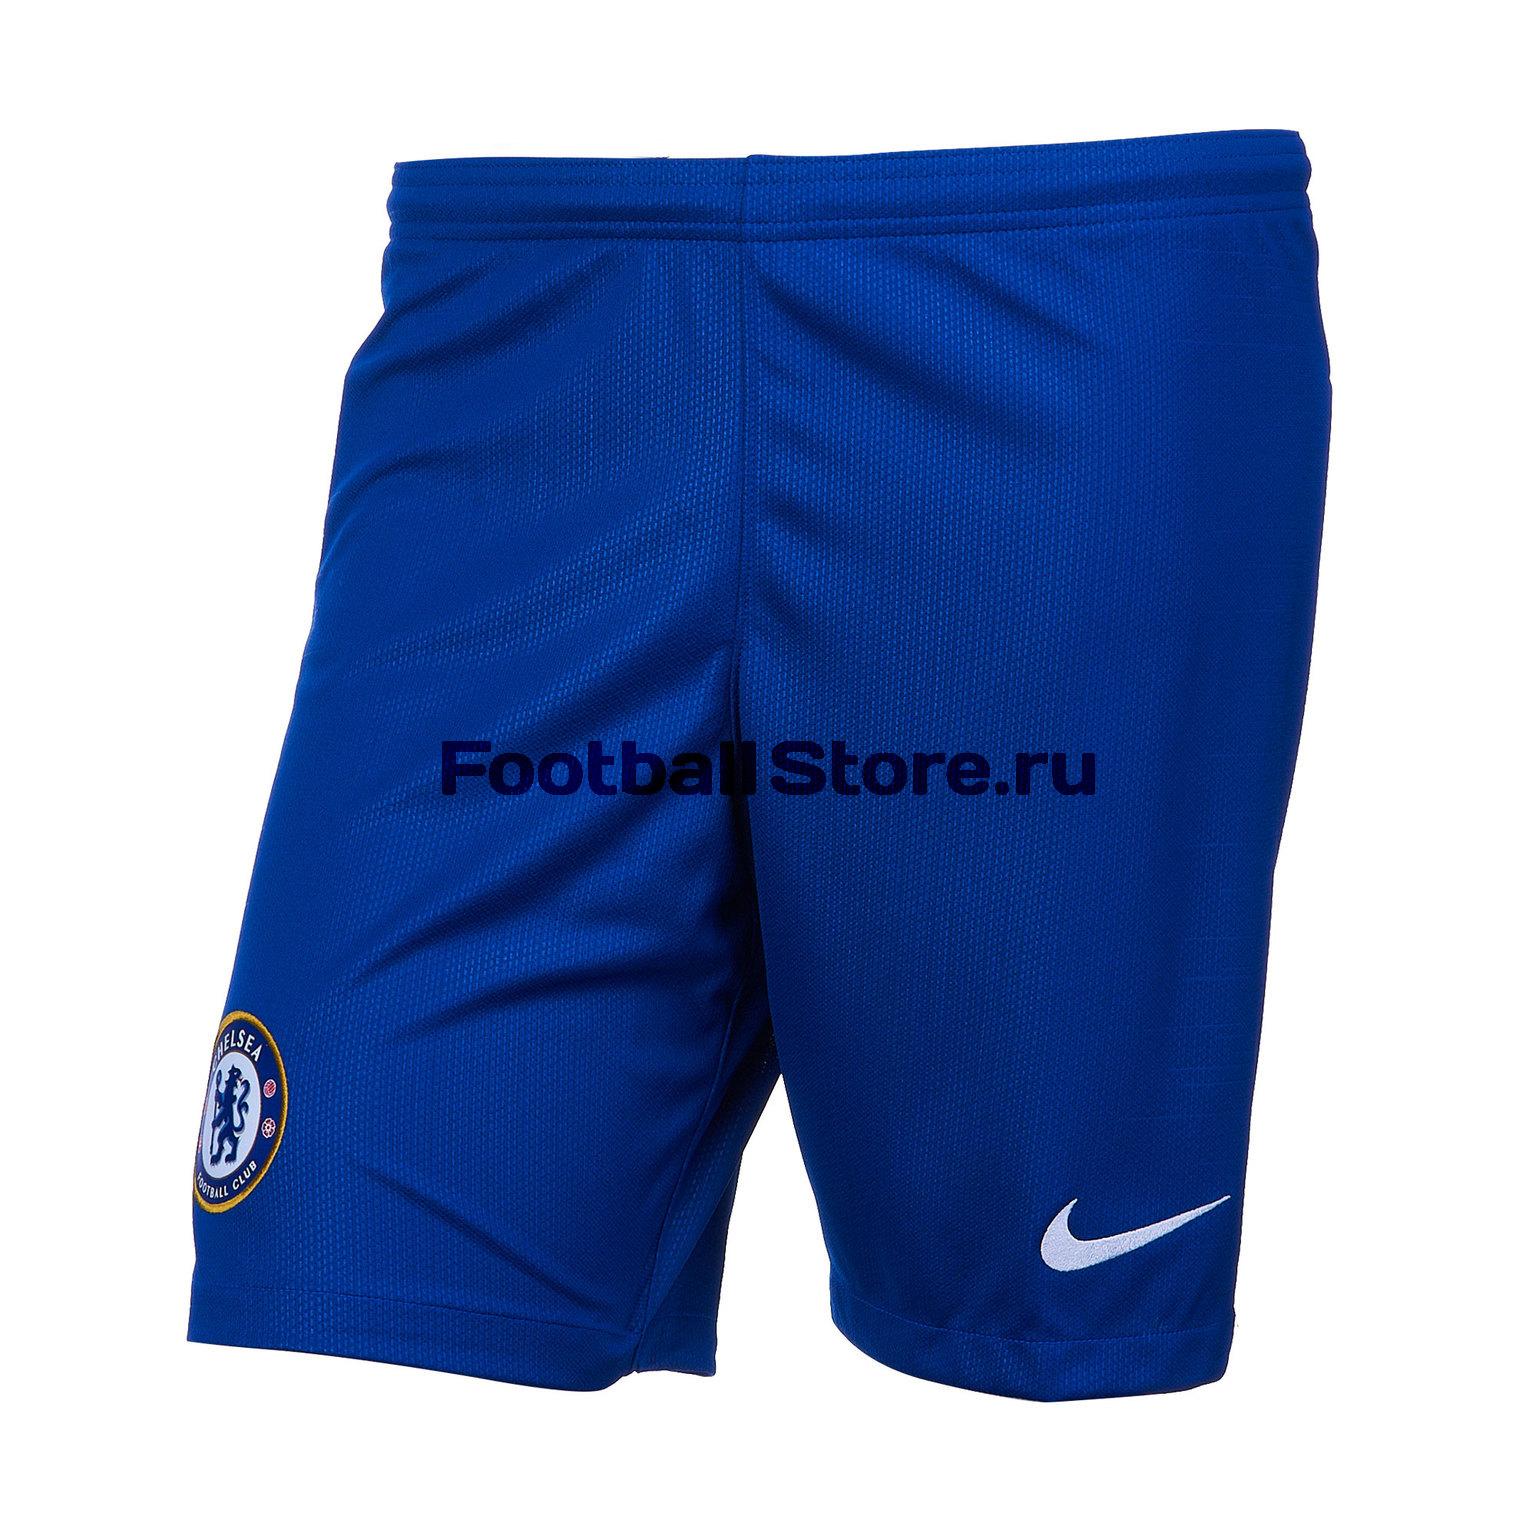 Шорты игровые домашние Nike Chelsea 2018/19 цена